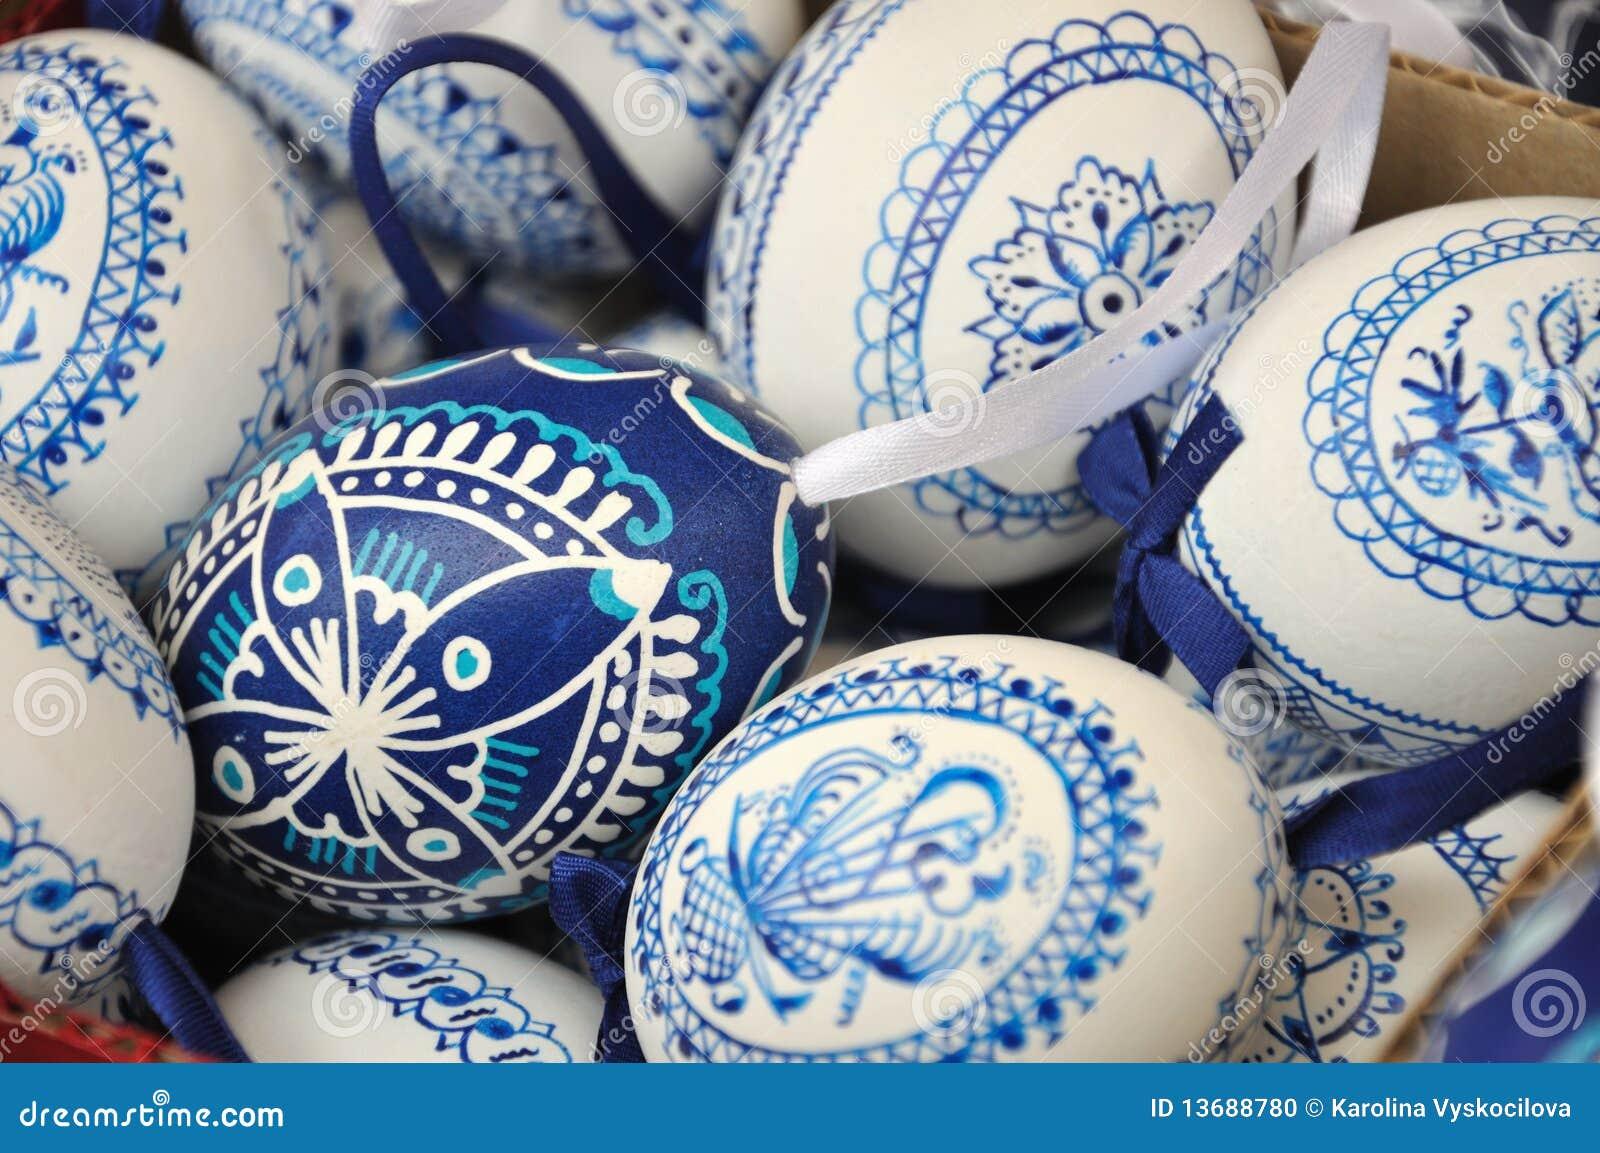 Uova di pasqua blu e bianche tradizionali fatte a mano - Uova di pasqua decorati a mano ...